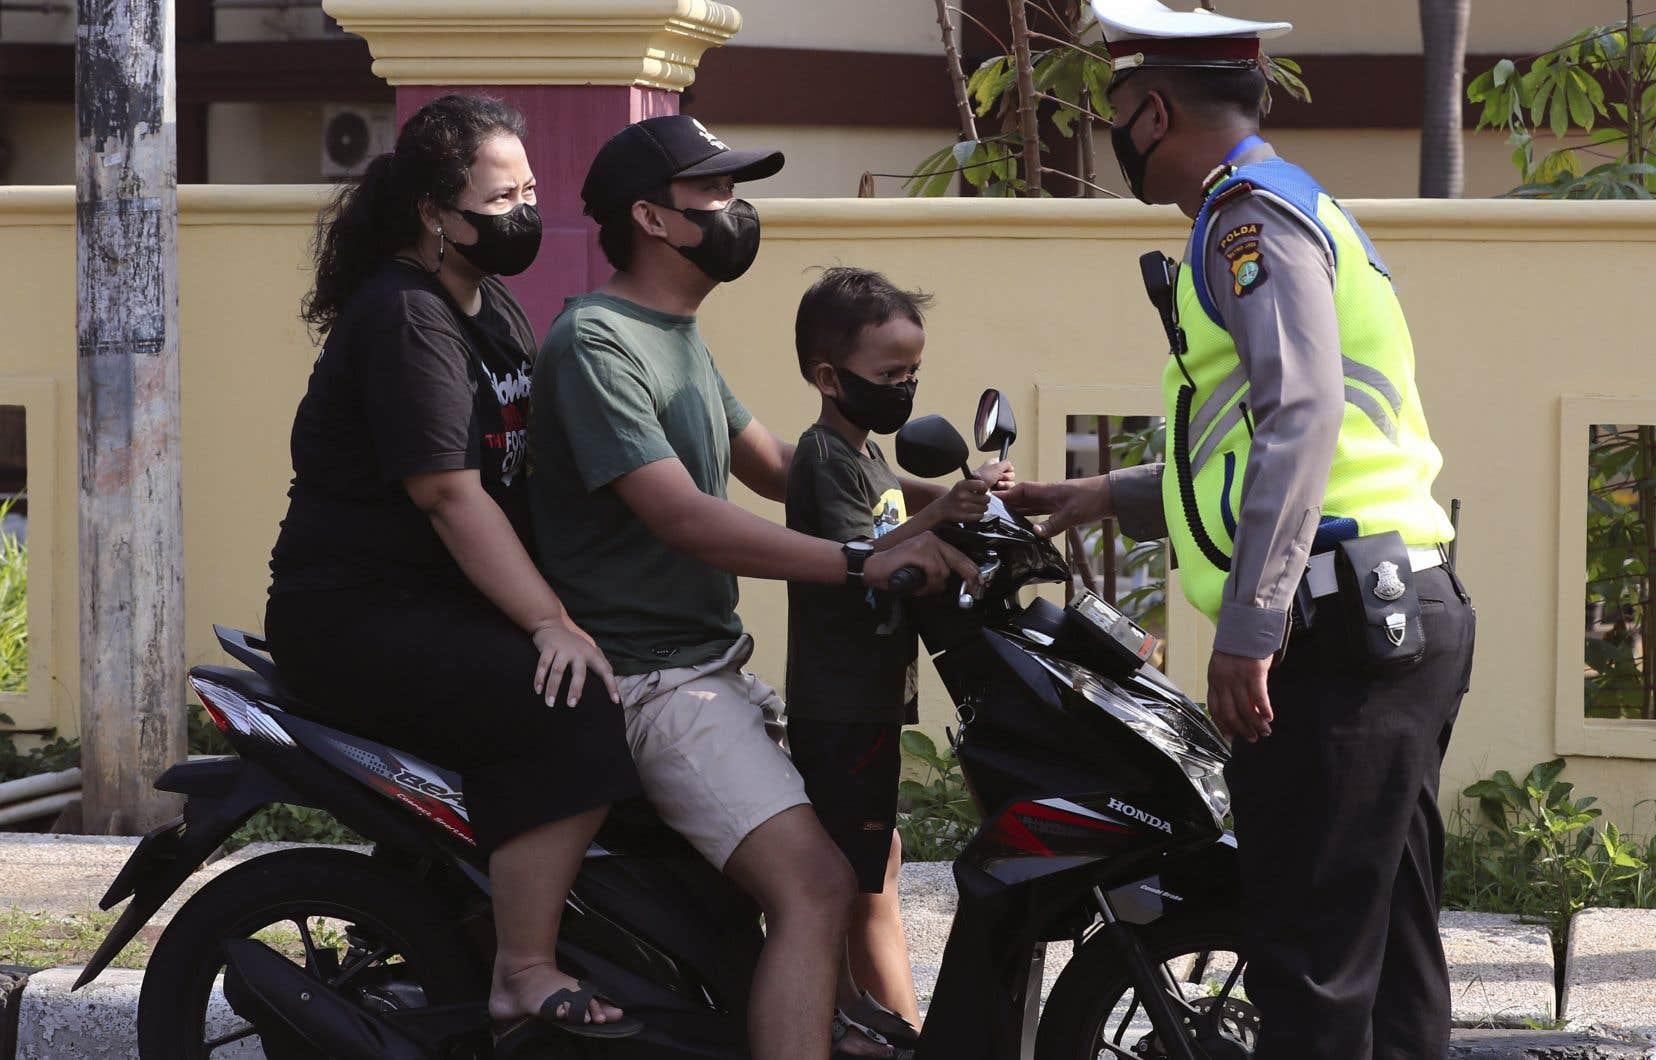 Des centaines de postes de contrôle ont été mis en place, tandis que les mosquées, les parcs, les centres commerciaux et les restaurants ont été fermés dans la capitale, Jakarta.